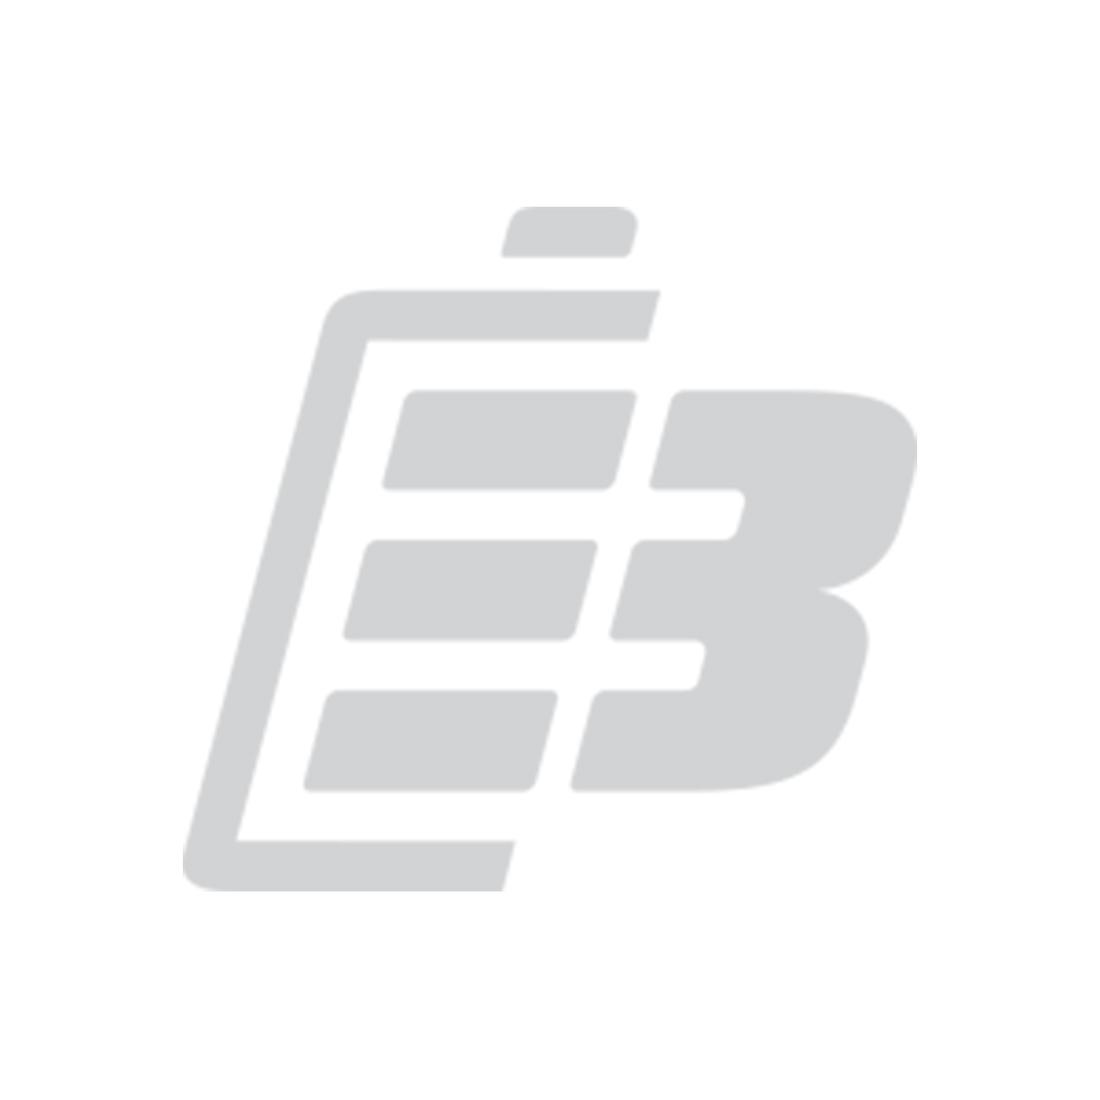 Μπαταρία Laptop Sony VGP-BPS13  Ασημί_1